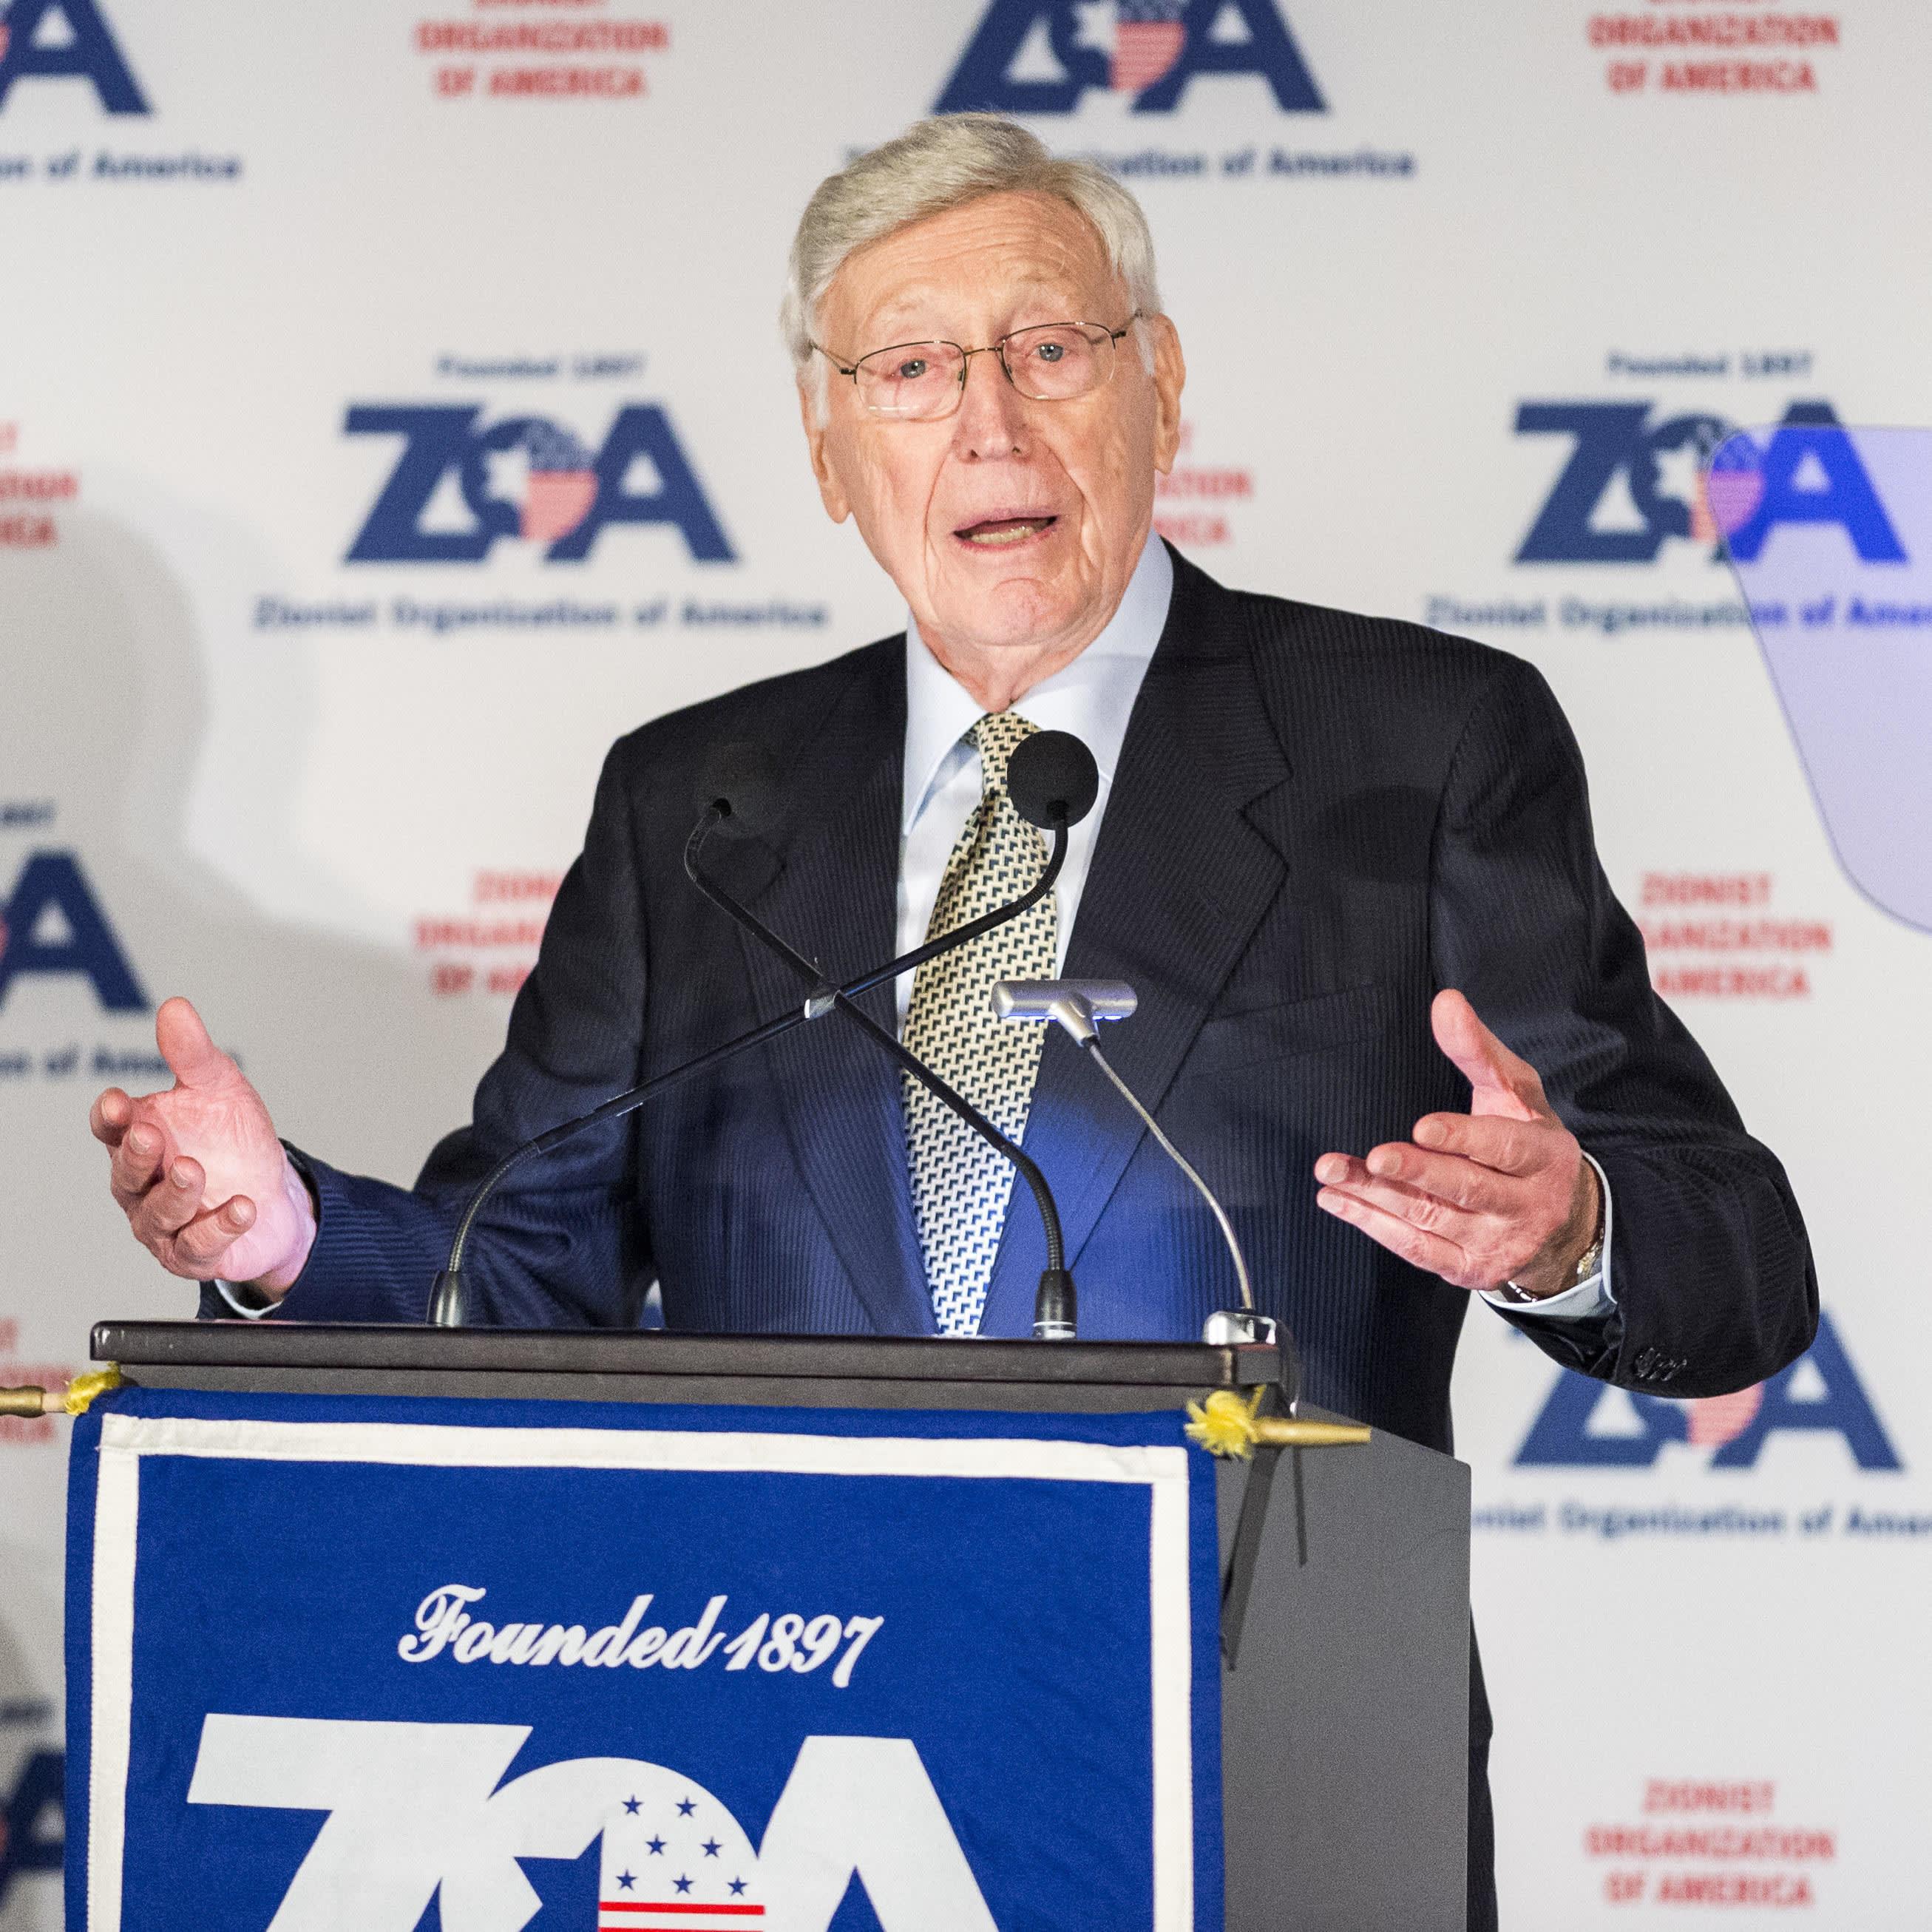 A man giving speech